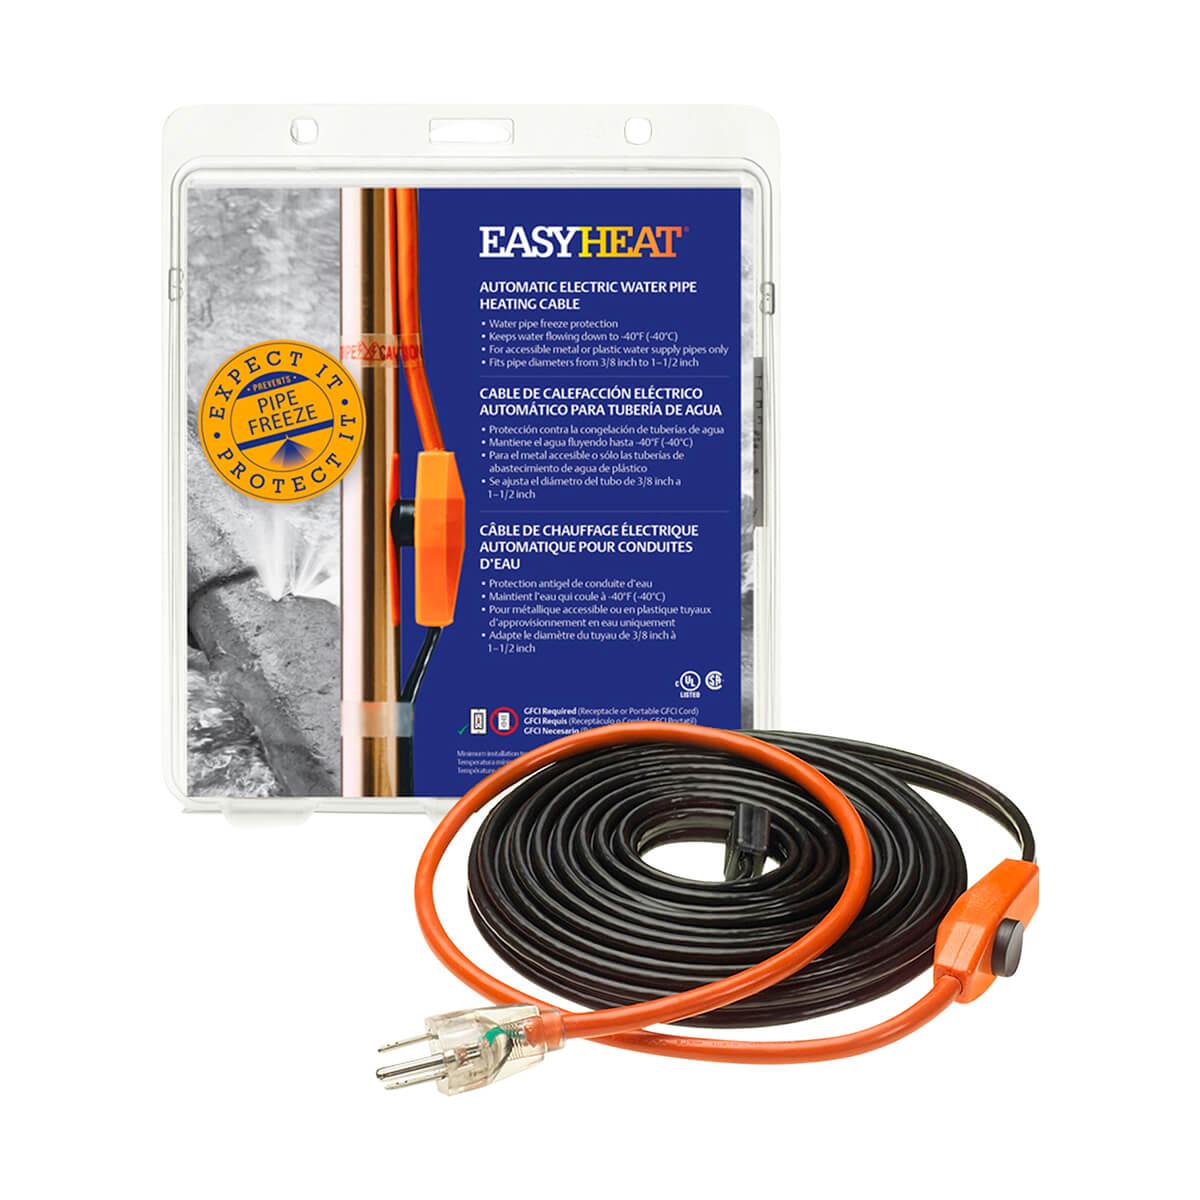 Heat Tape - Easy Heat - 12' or 4M